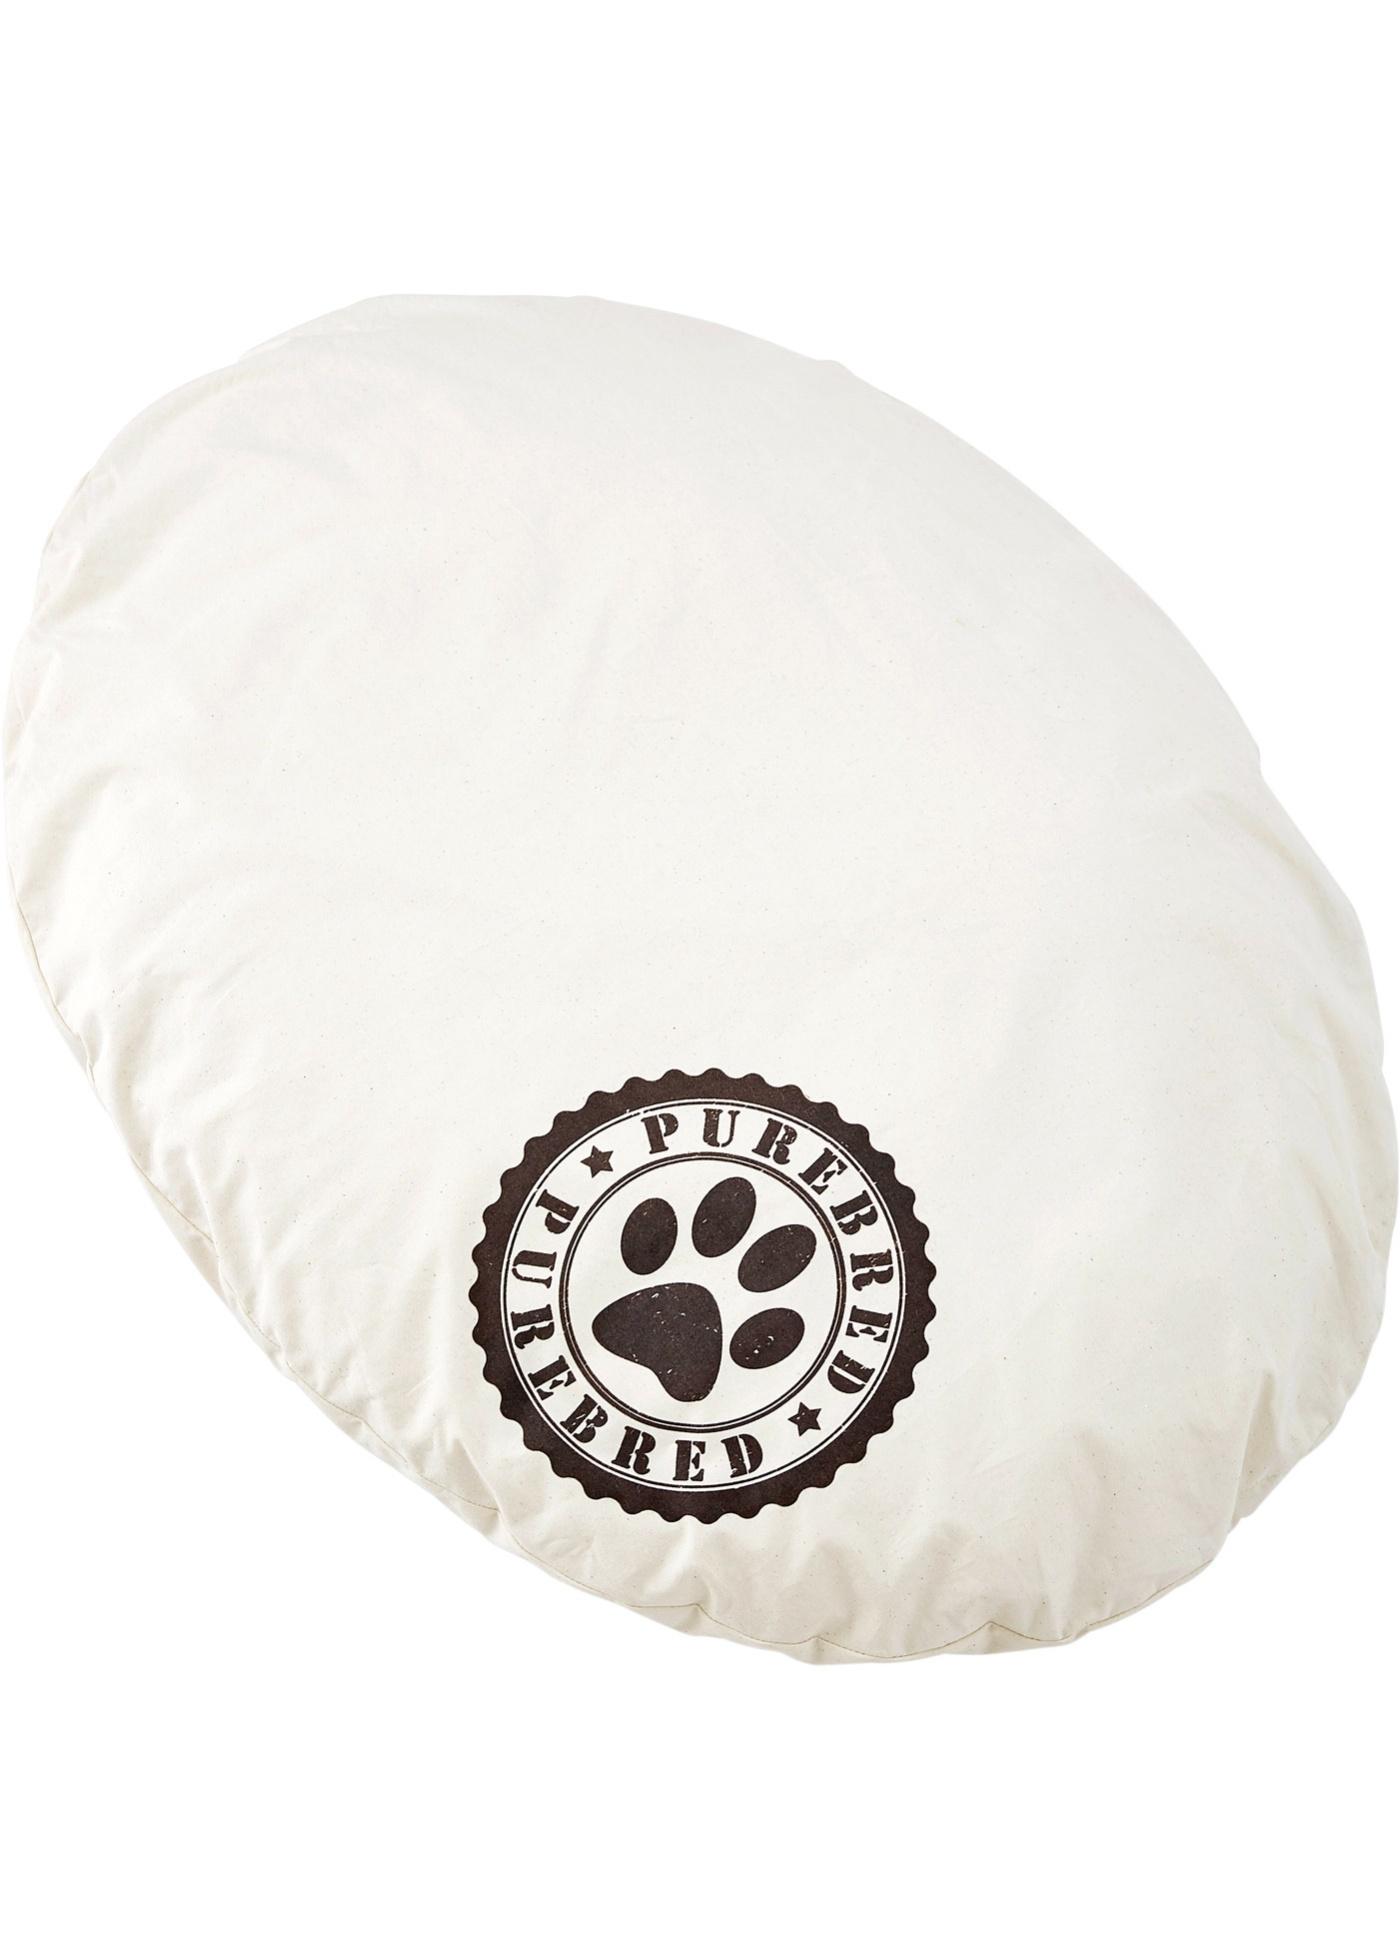 Coussin pour chien et chat garni de véritables copeaux de pin cembro. Le coussin bien-être améliore le sommeil de vos animaux de compagnie et a une action apaisante et relaxante grâce aux huiles essentielles présentes dans le bois de cembro. Autres vertus